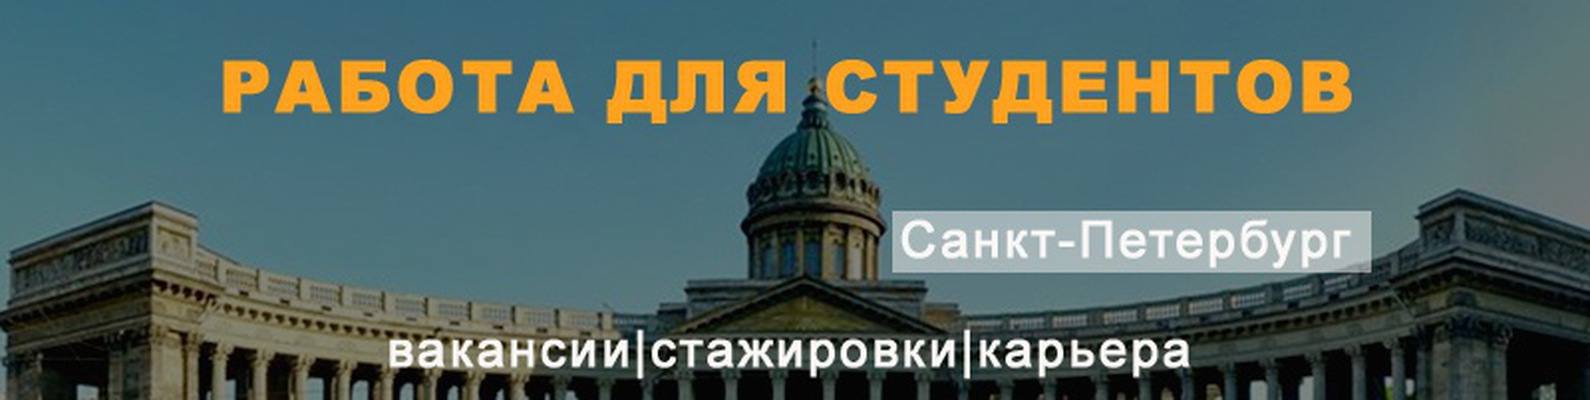 f05b365ca97c4 РАБОТА ДЛЯ СТУДЕНТОВ В СПБ | ВКонтакте